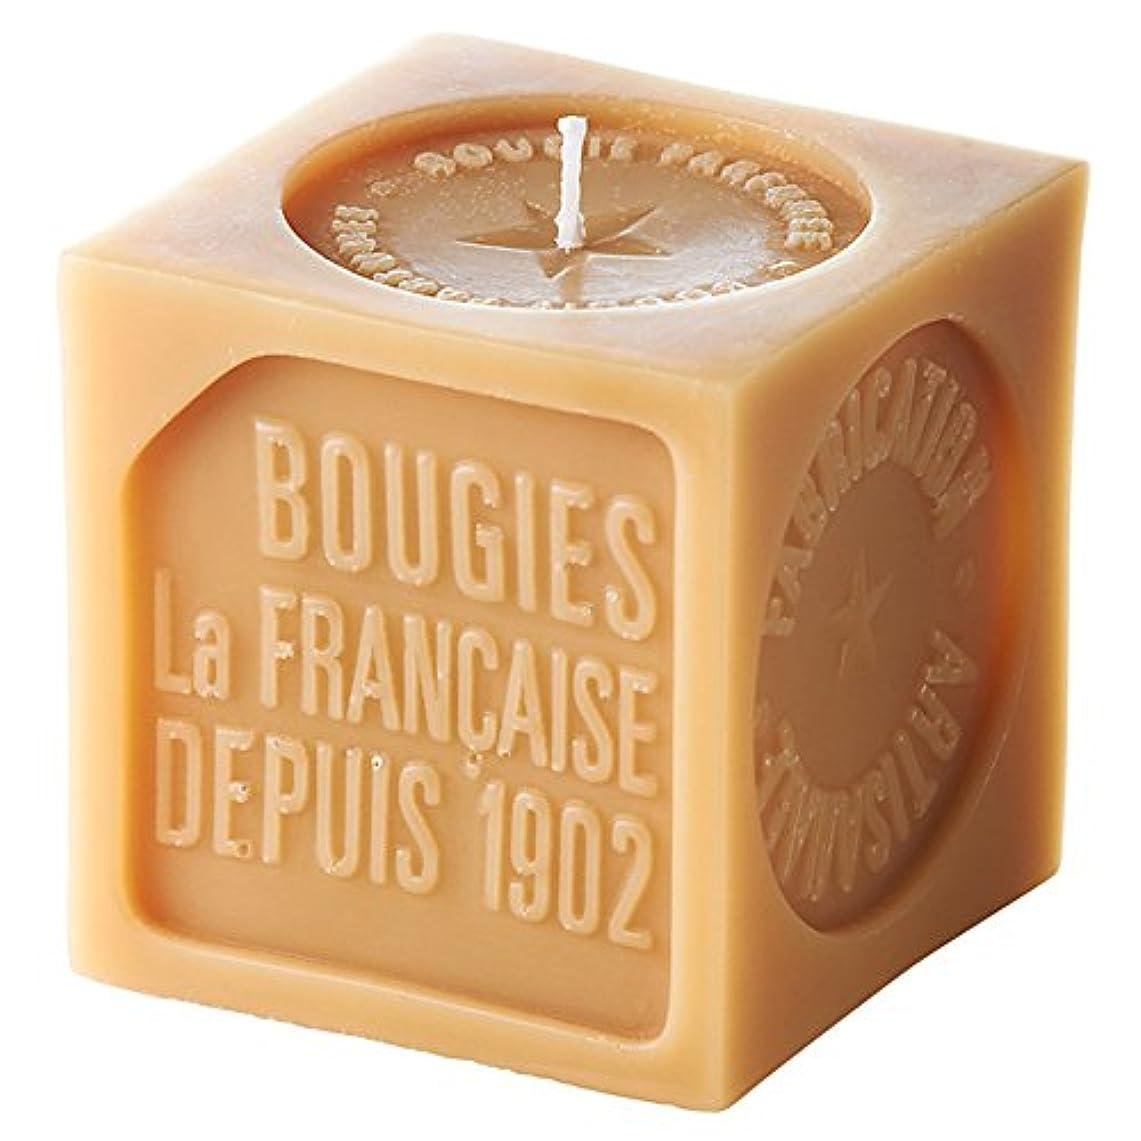 シェルターからトークブジ?ラ?フランセーズ ソープキャンドル オリーブグリーンの香りフランス製